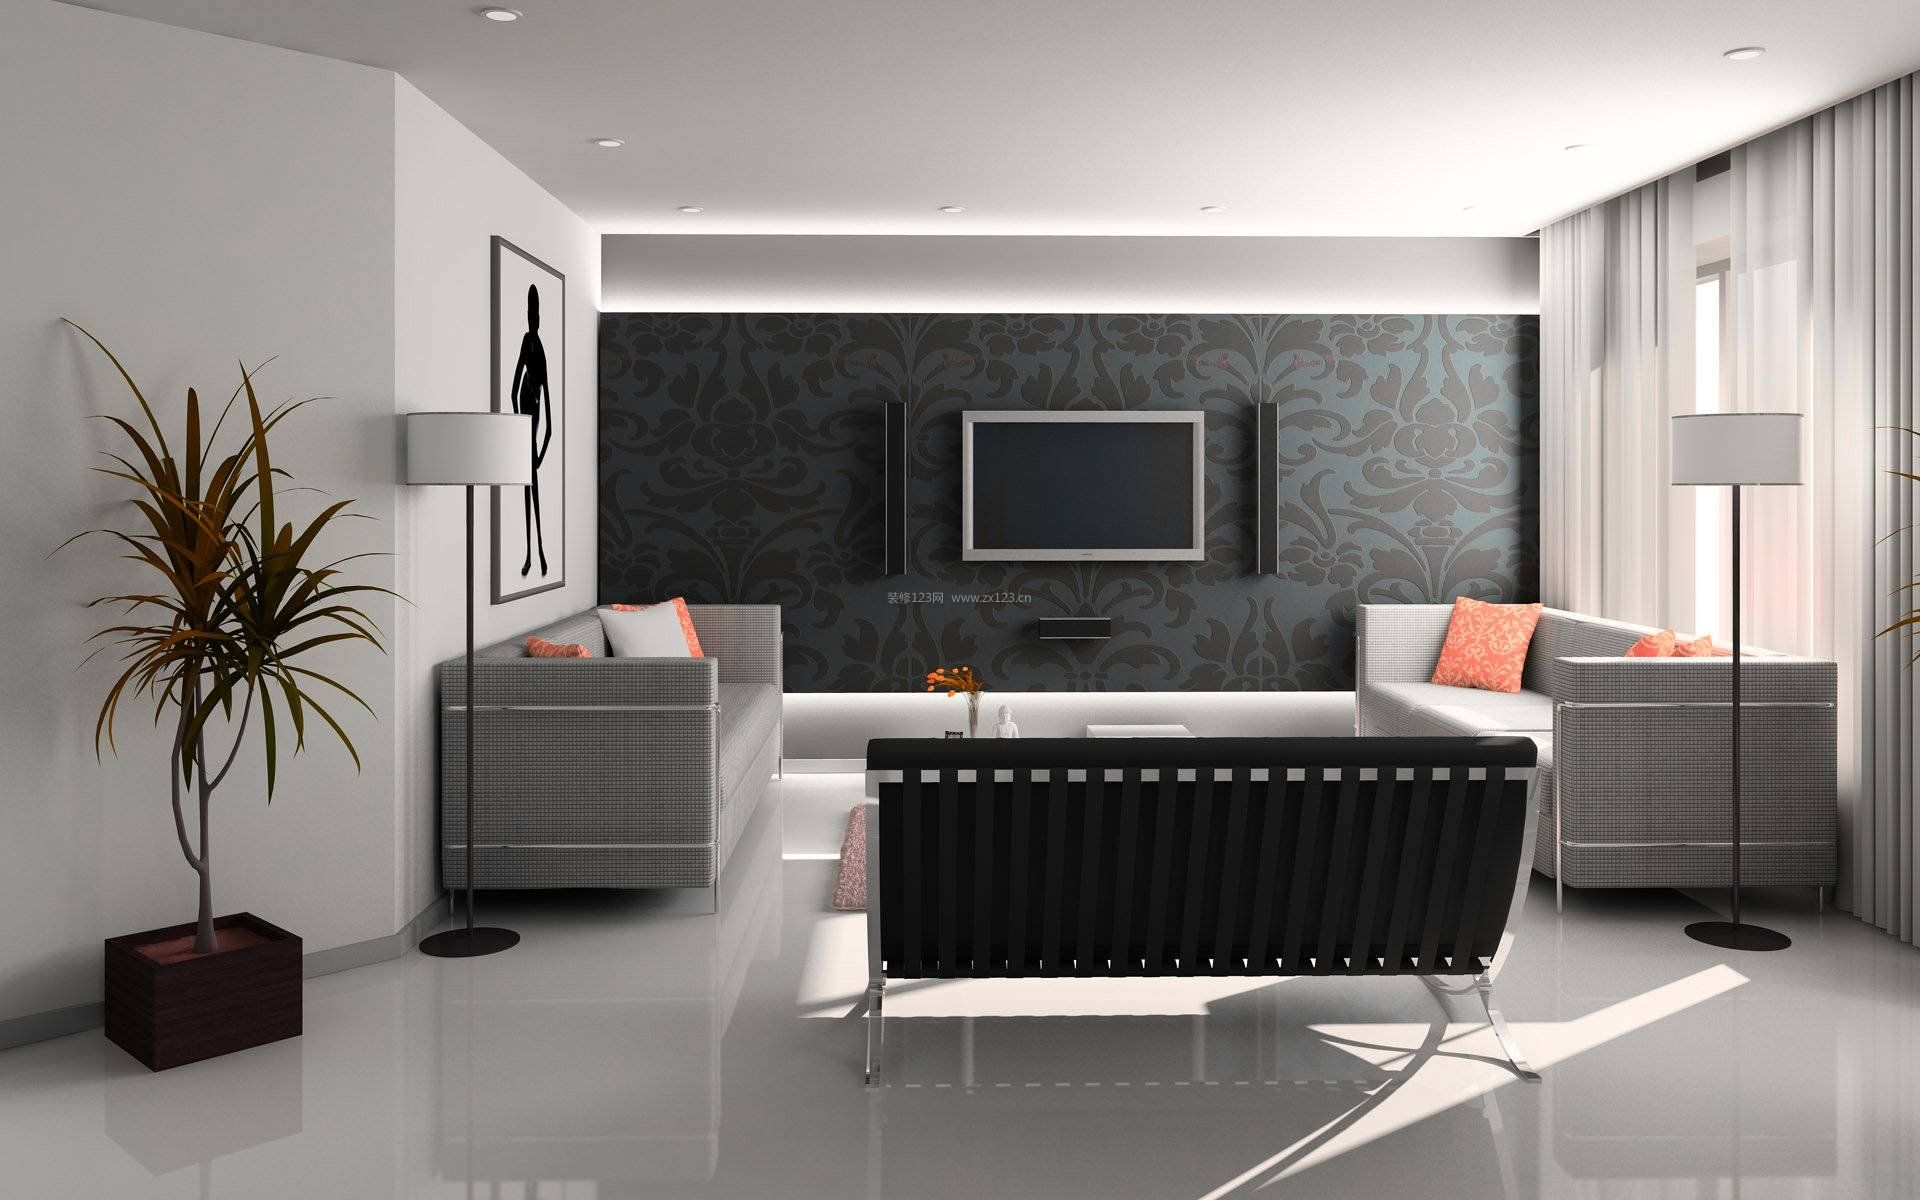 小户型现代客厅电视墙纸背景墙设计简约时尚风格